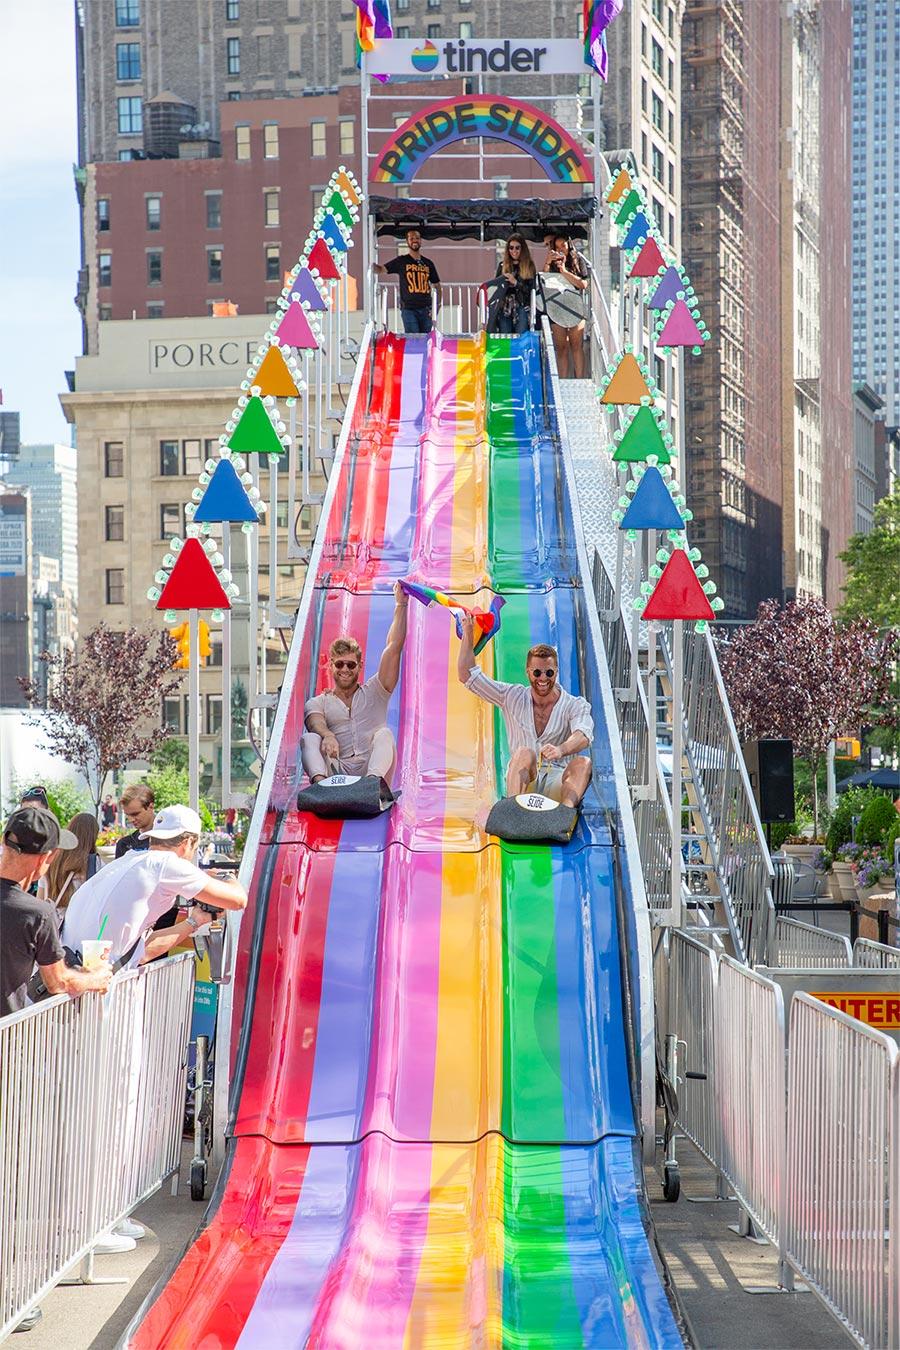 Tinder_PrideSlide-66.jpg